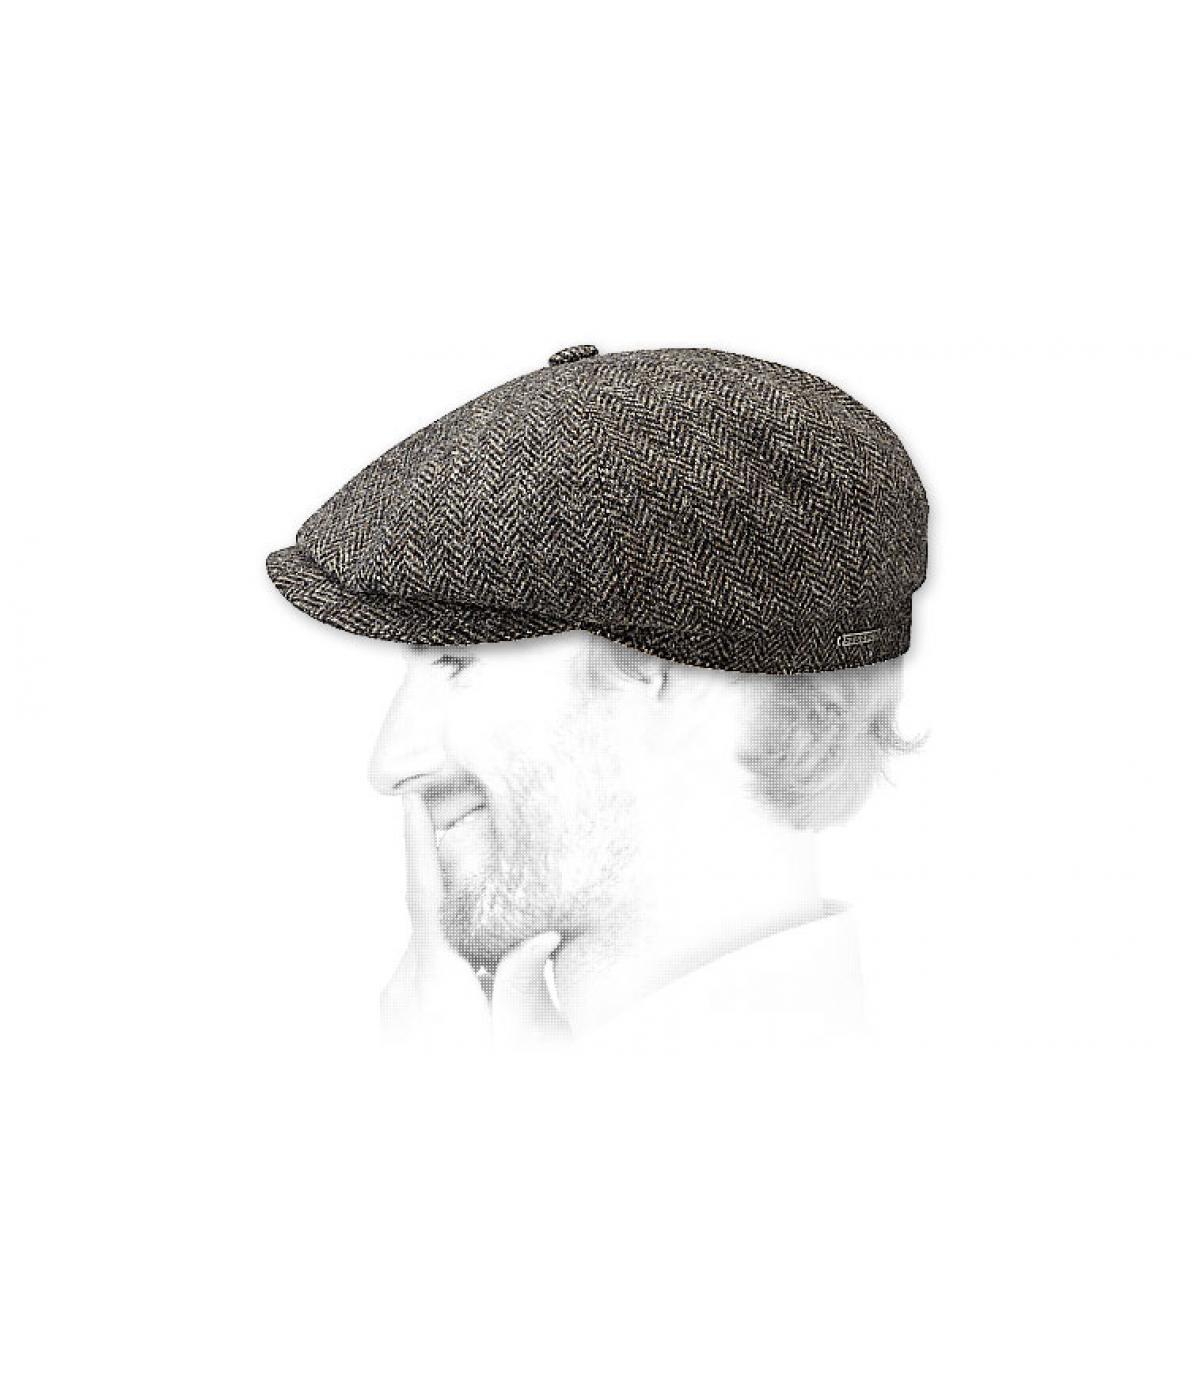 Woolrich hatteras stetson - Hatteras woolrich dark grey by Stetson. 20ad66b5717